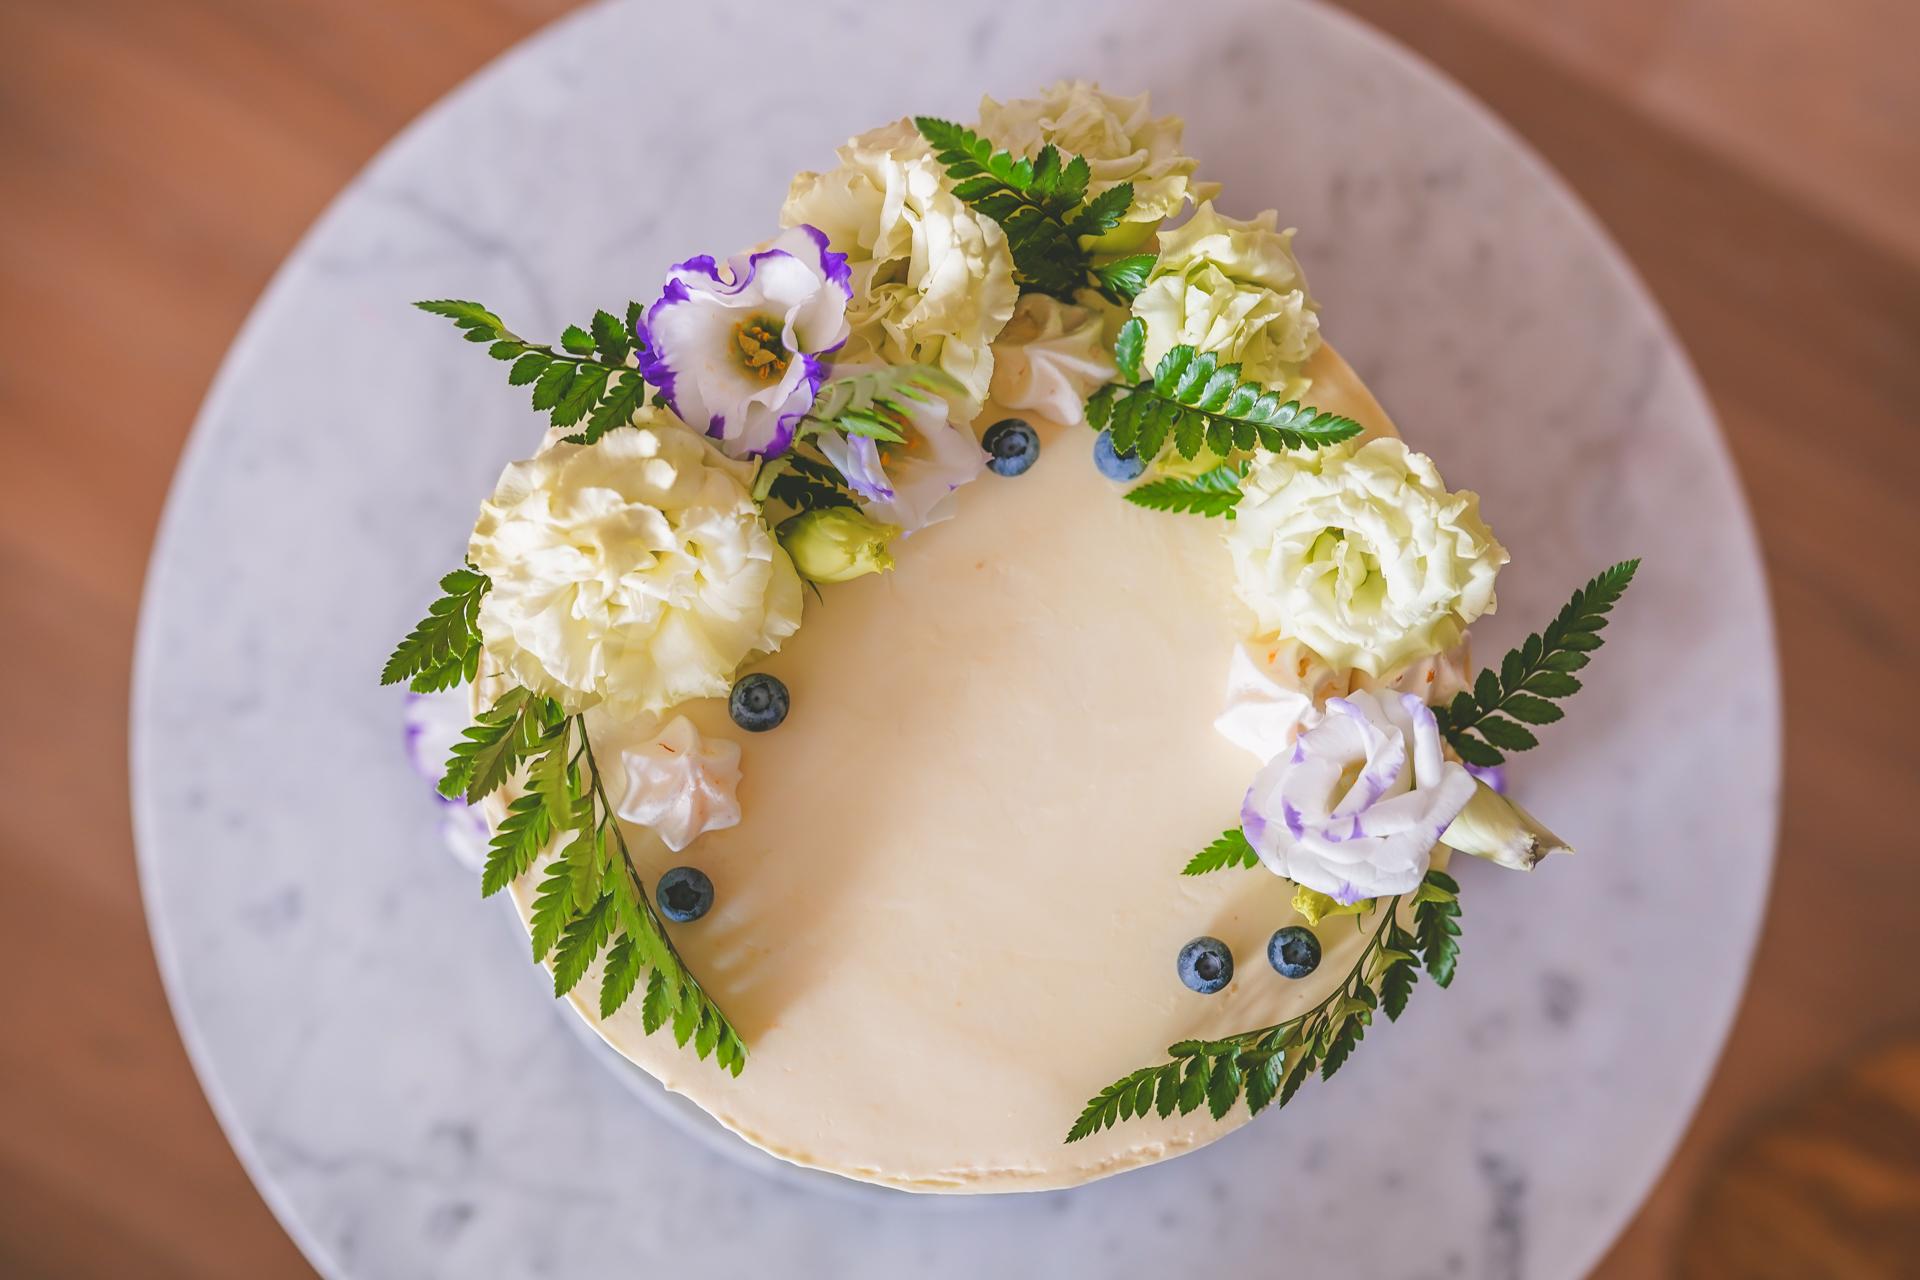 Tort - dekoracja z żywych kwiatów